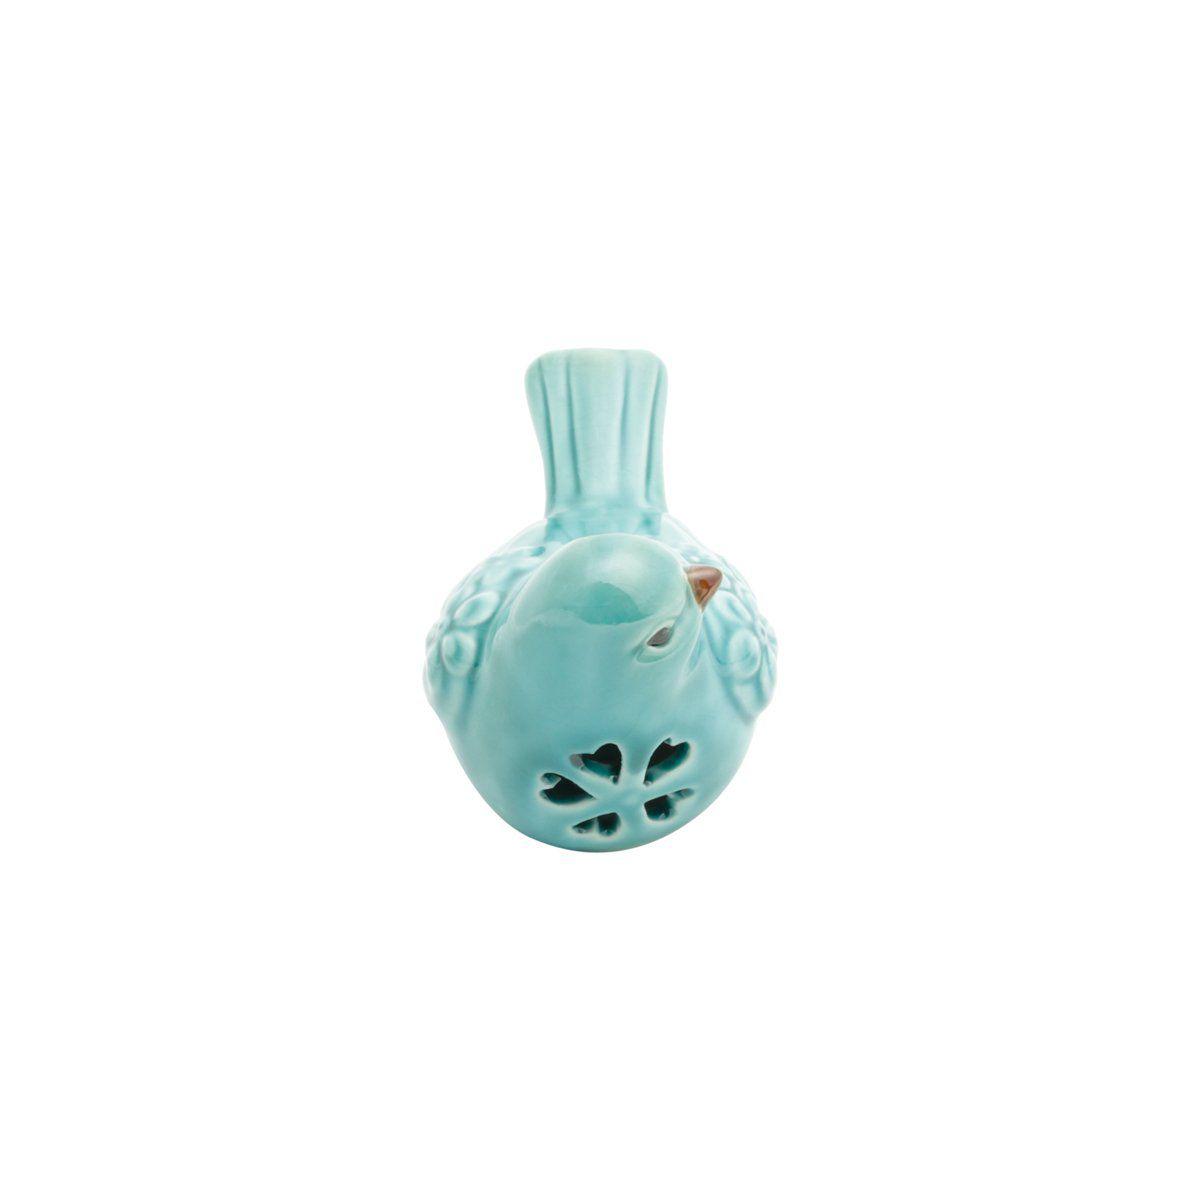 Pássaro decorativo 10,5 x 6 cm de cerâmica azul Flores Lyor - L4172